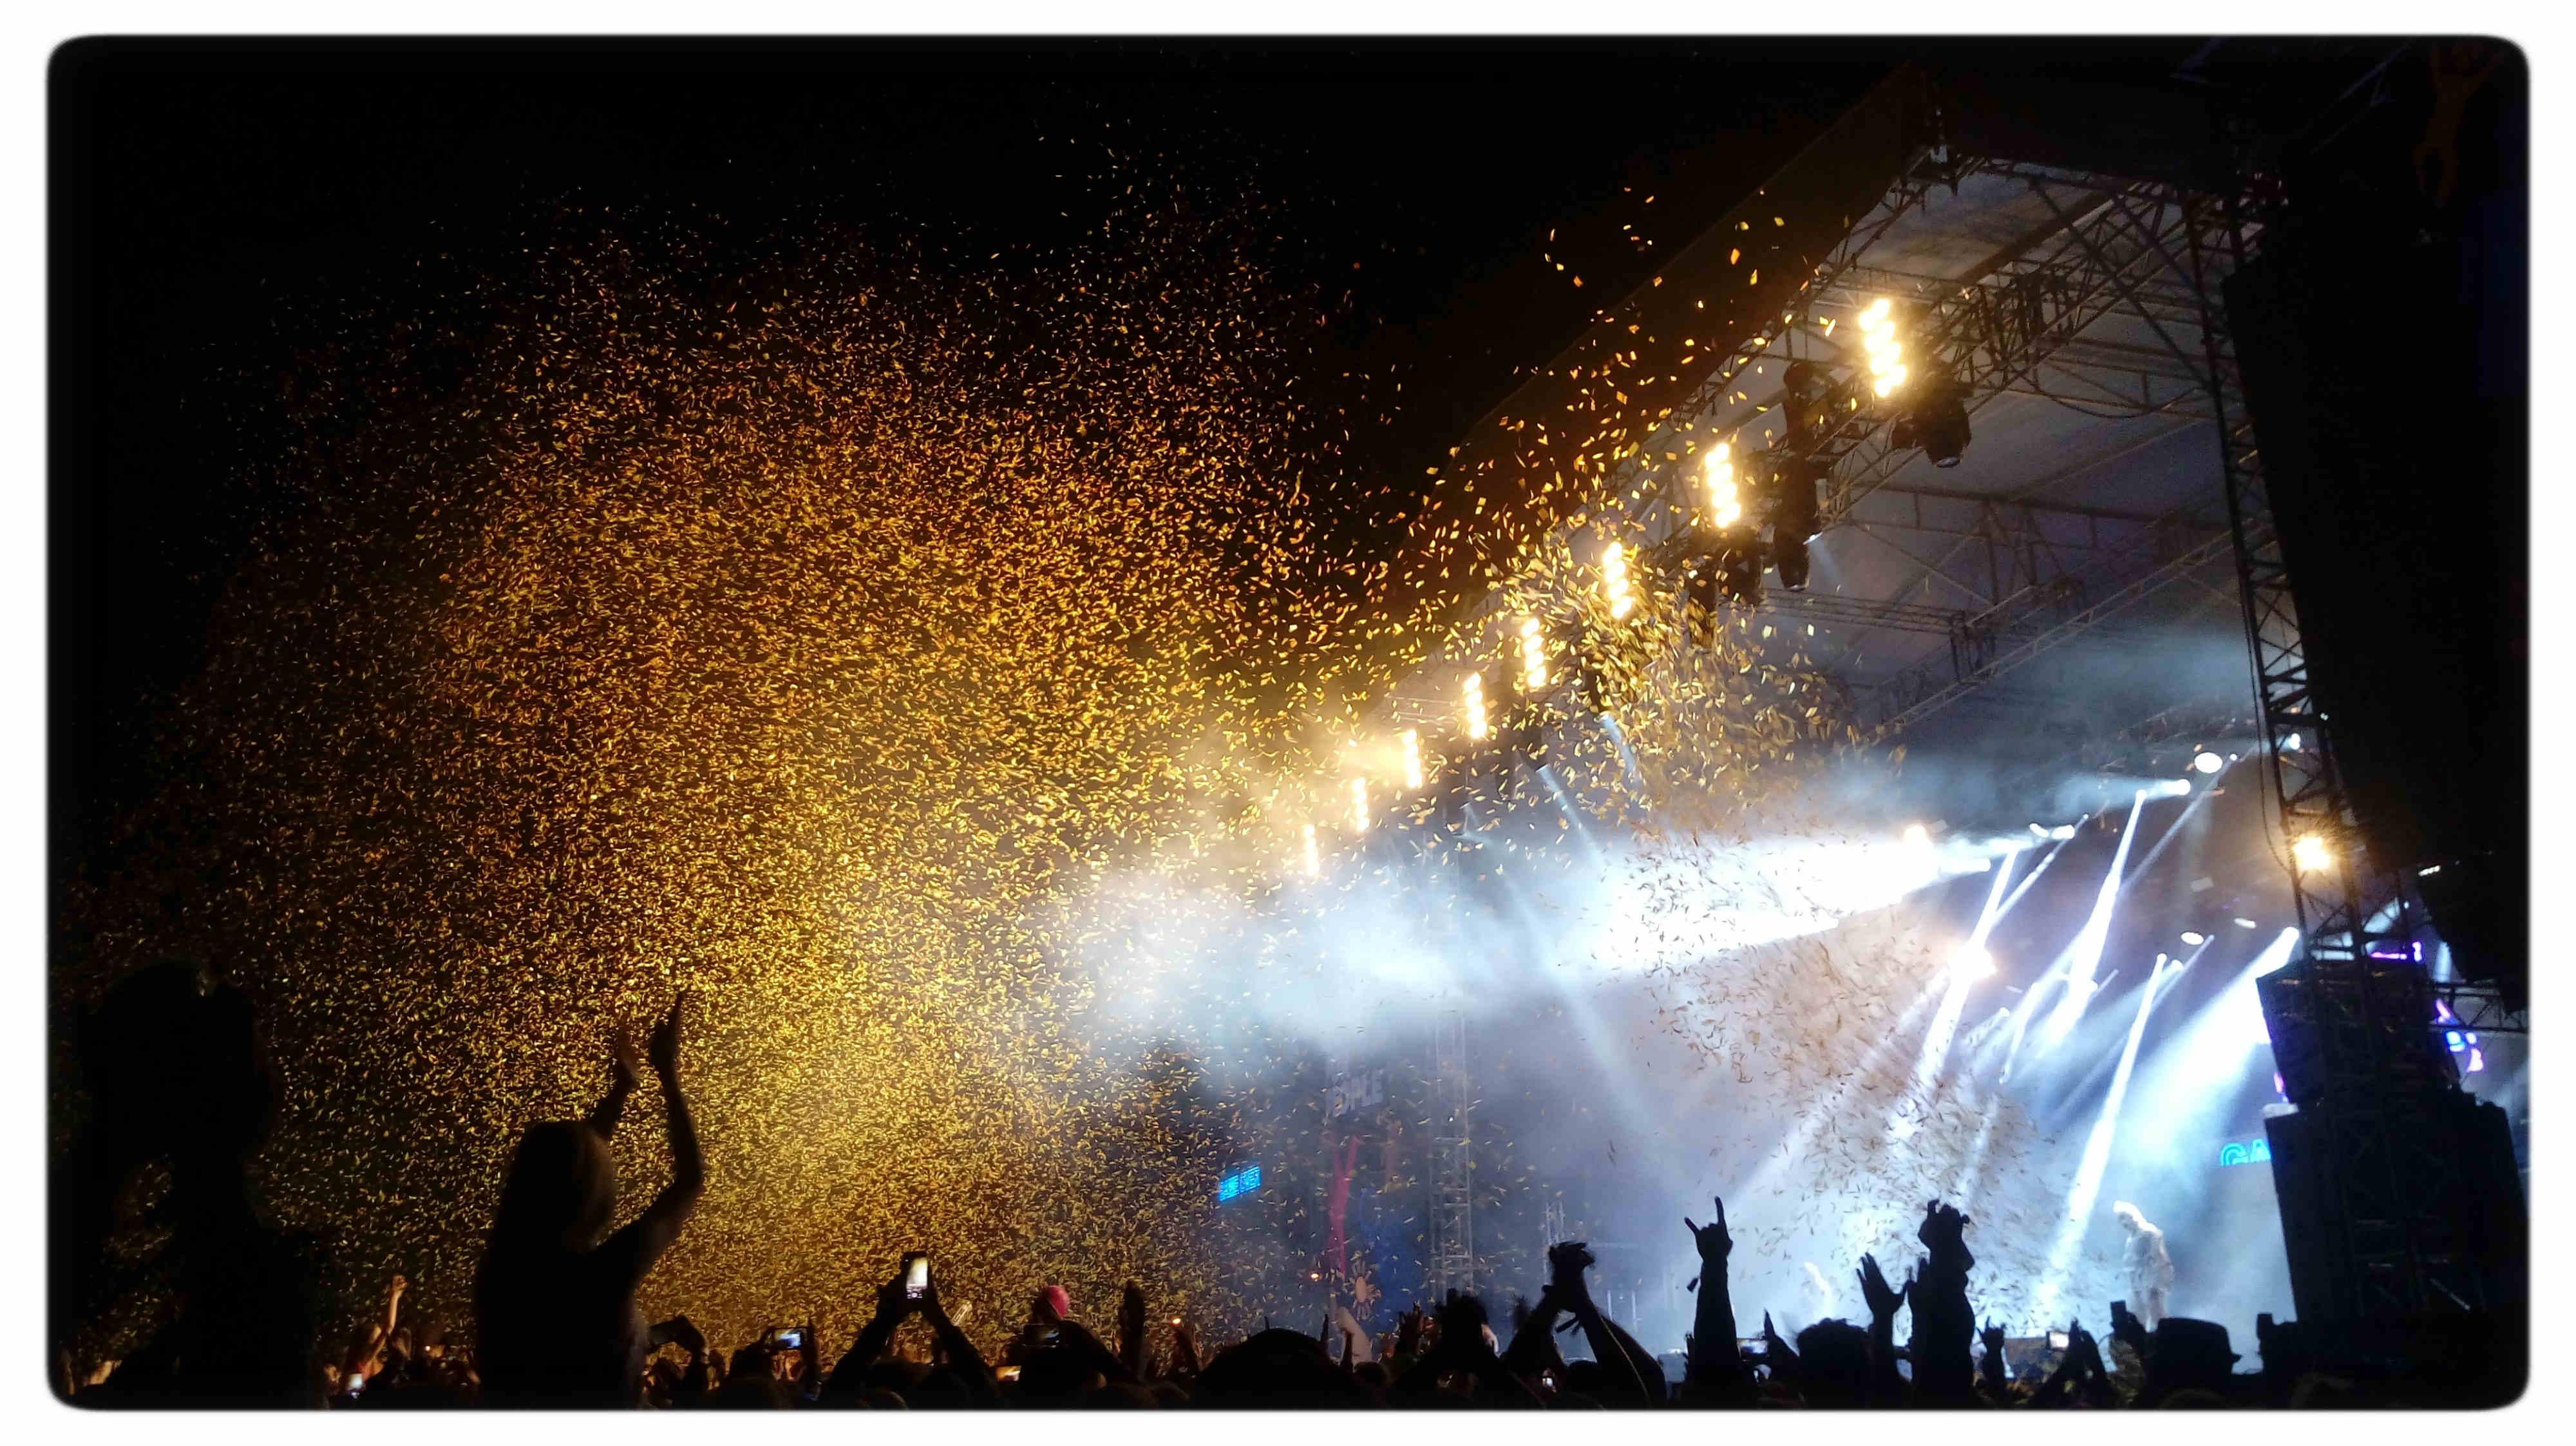 Die Antwoord, a na zakończenie deszcz złotych konfetti, fot. Sylwia Chrapek